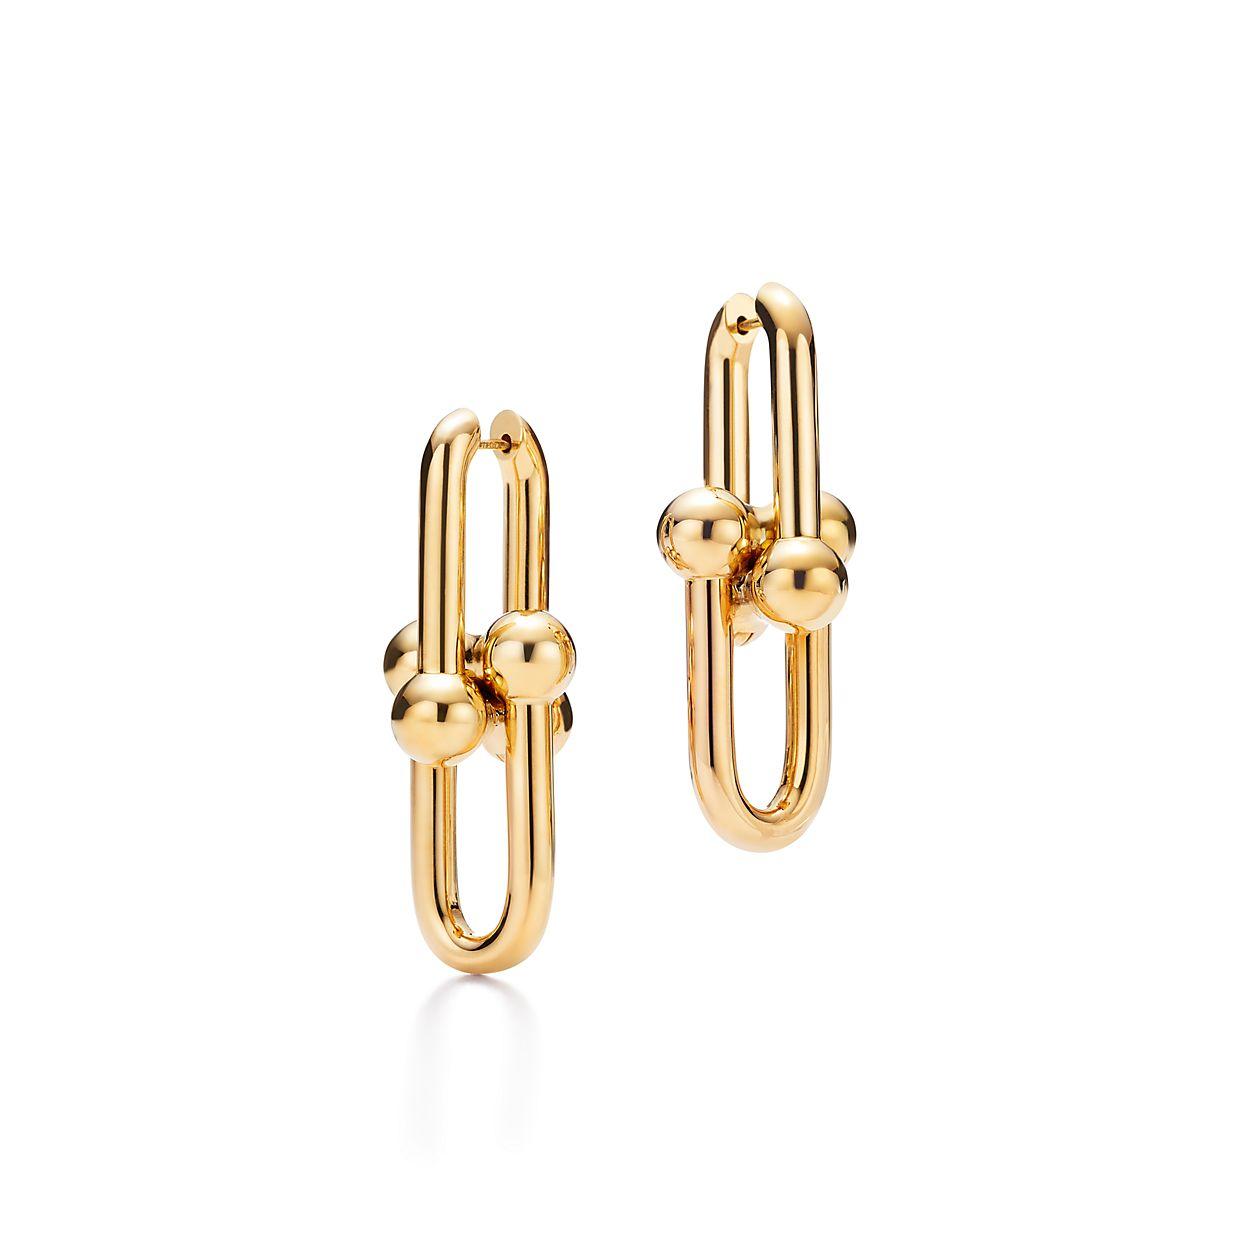 Tiffany Hardwear Link Earrings